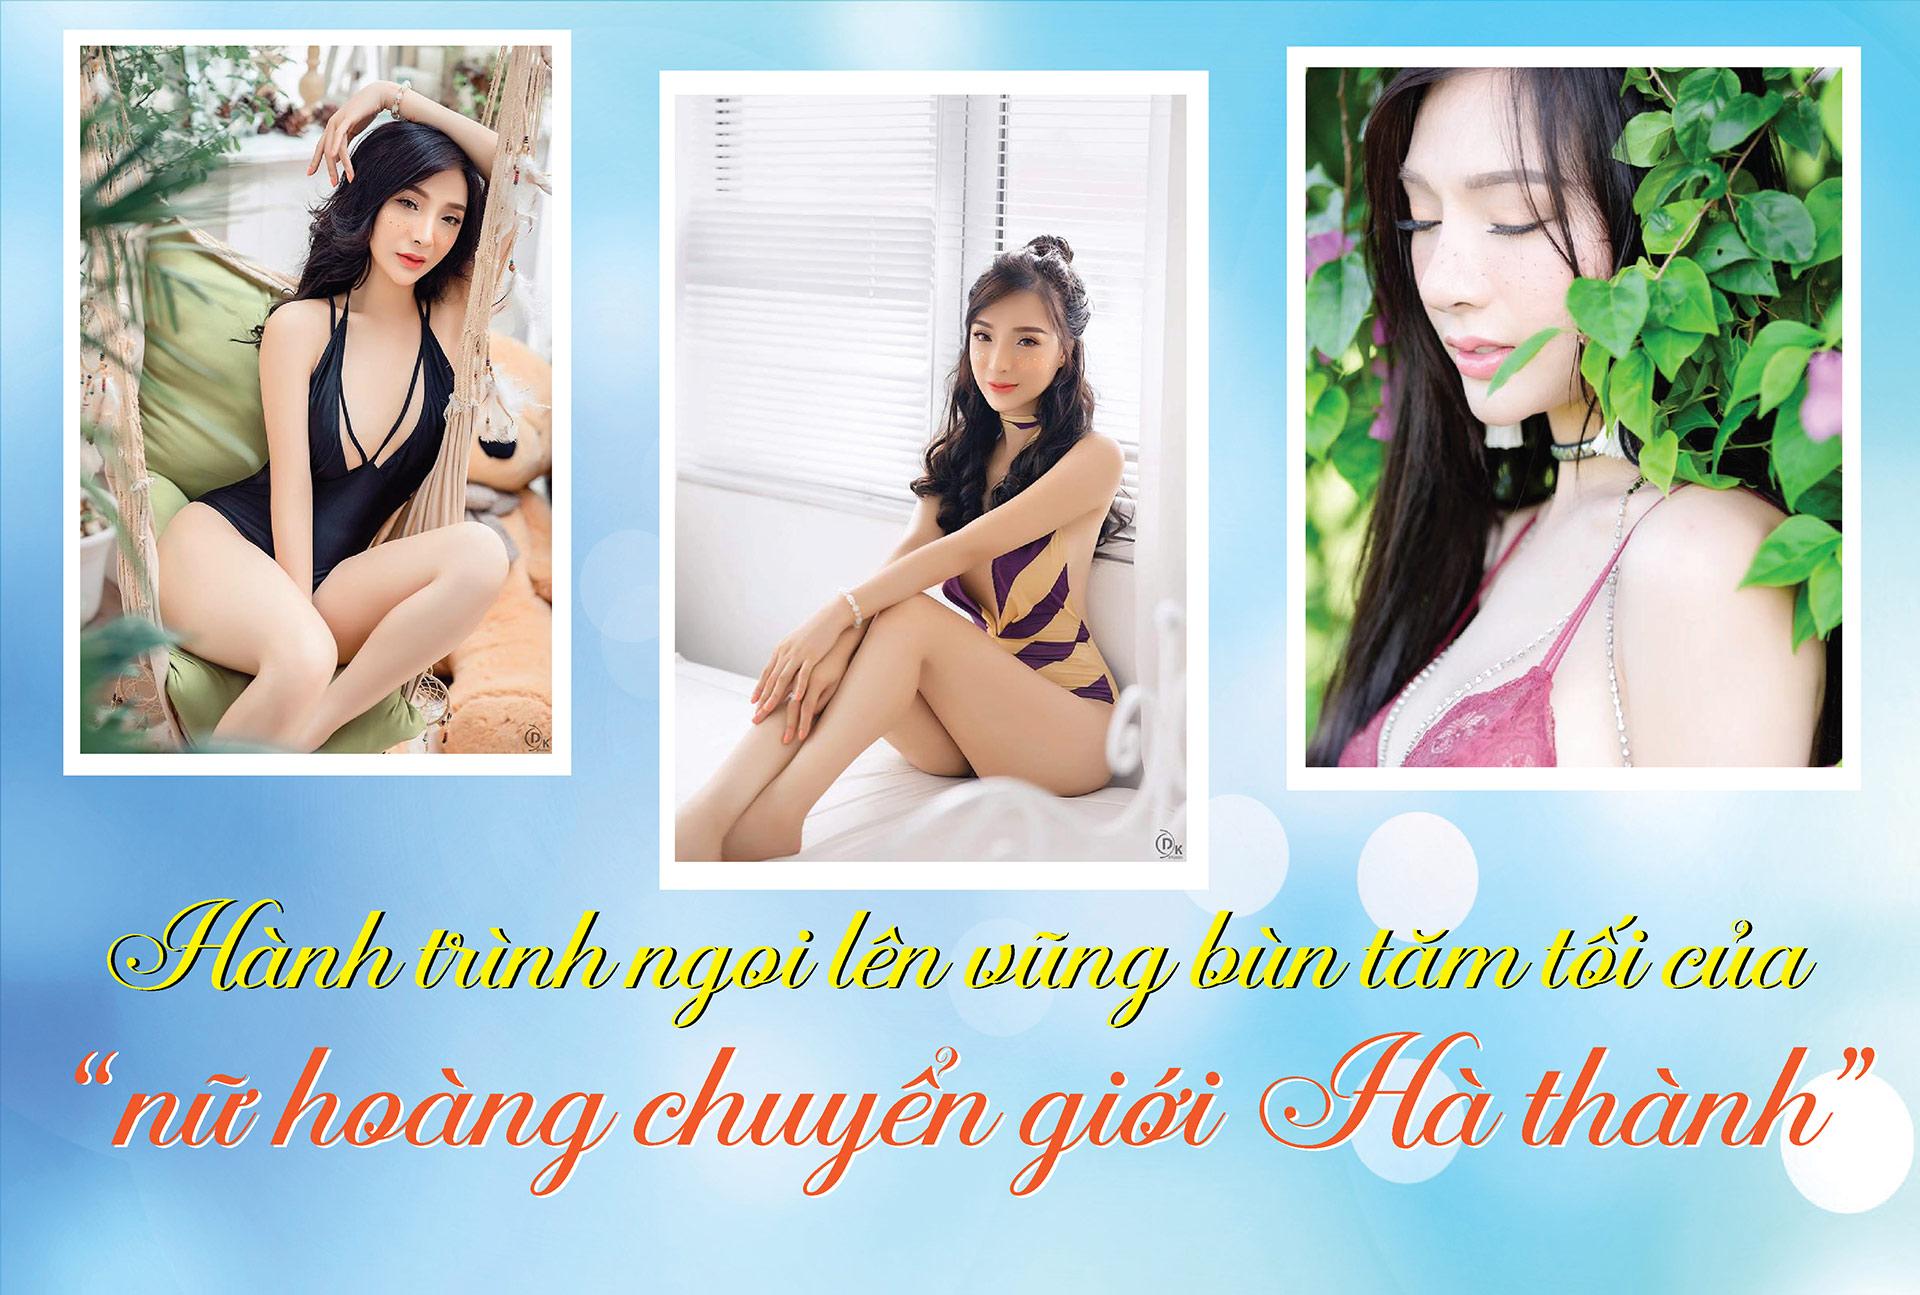 """""""Nữ hoàng chuyển giới Hà thành"""" kể lại quá khứ bị lột trần giữa đường - 1"""